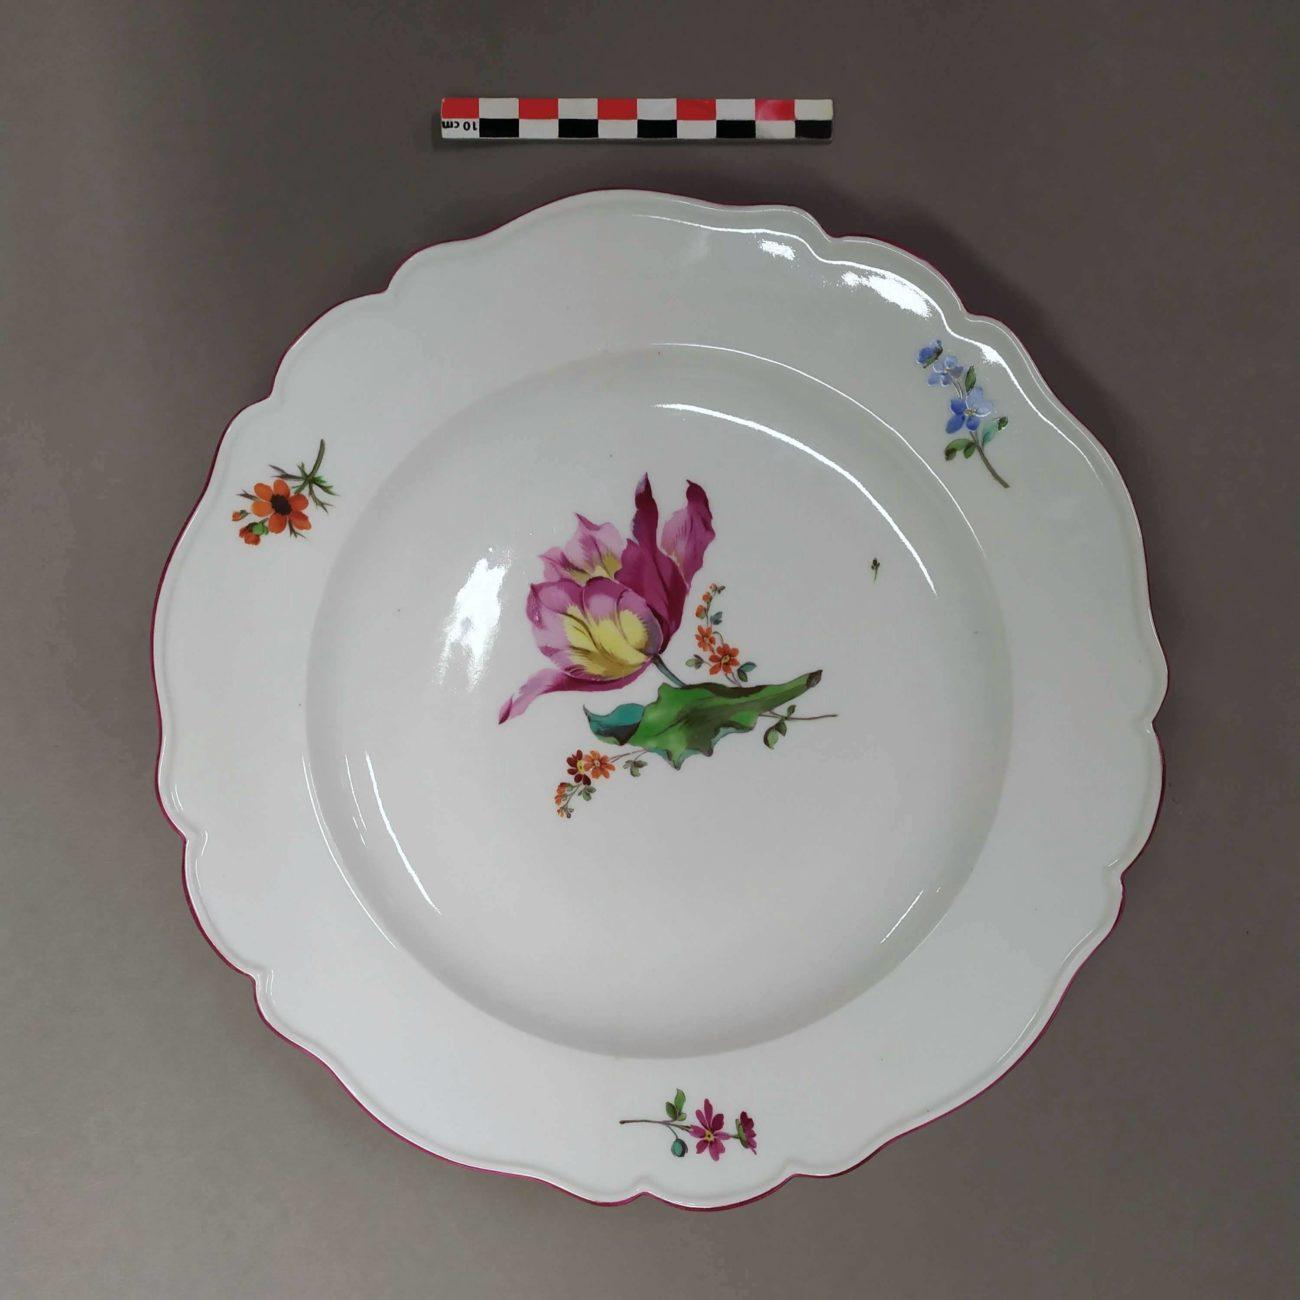 Restauration d'une assiette ancienne en porcelaine de la manufacture de Meissen